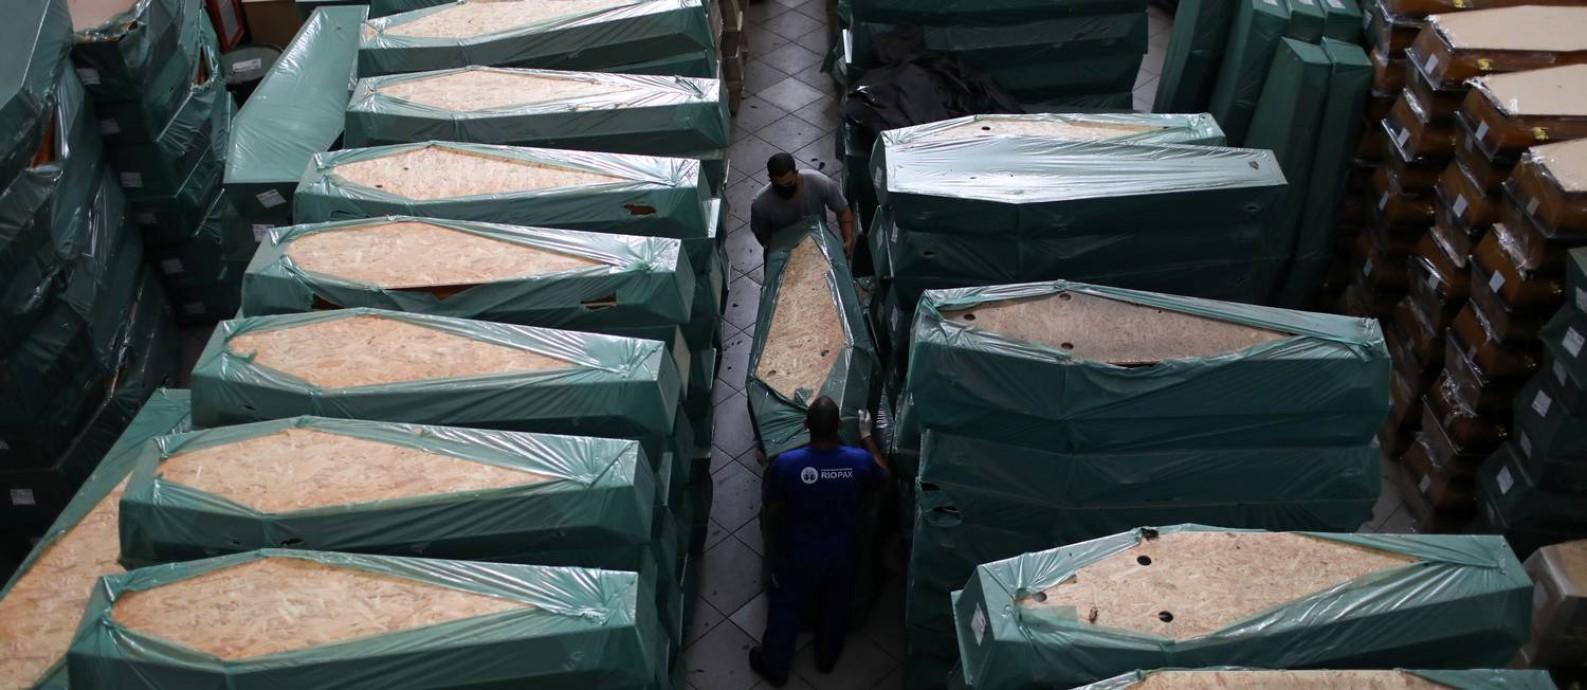 Funcionários carregam caixões em depósito de funerária no Rio Foto: Pilar Olivares / Reuters